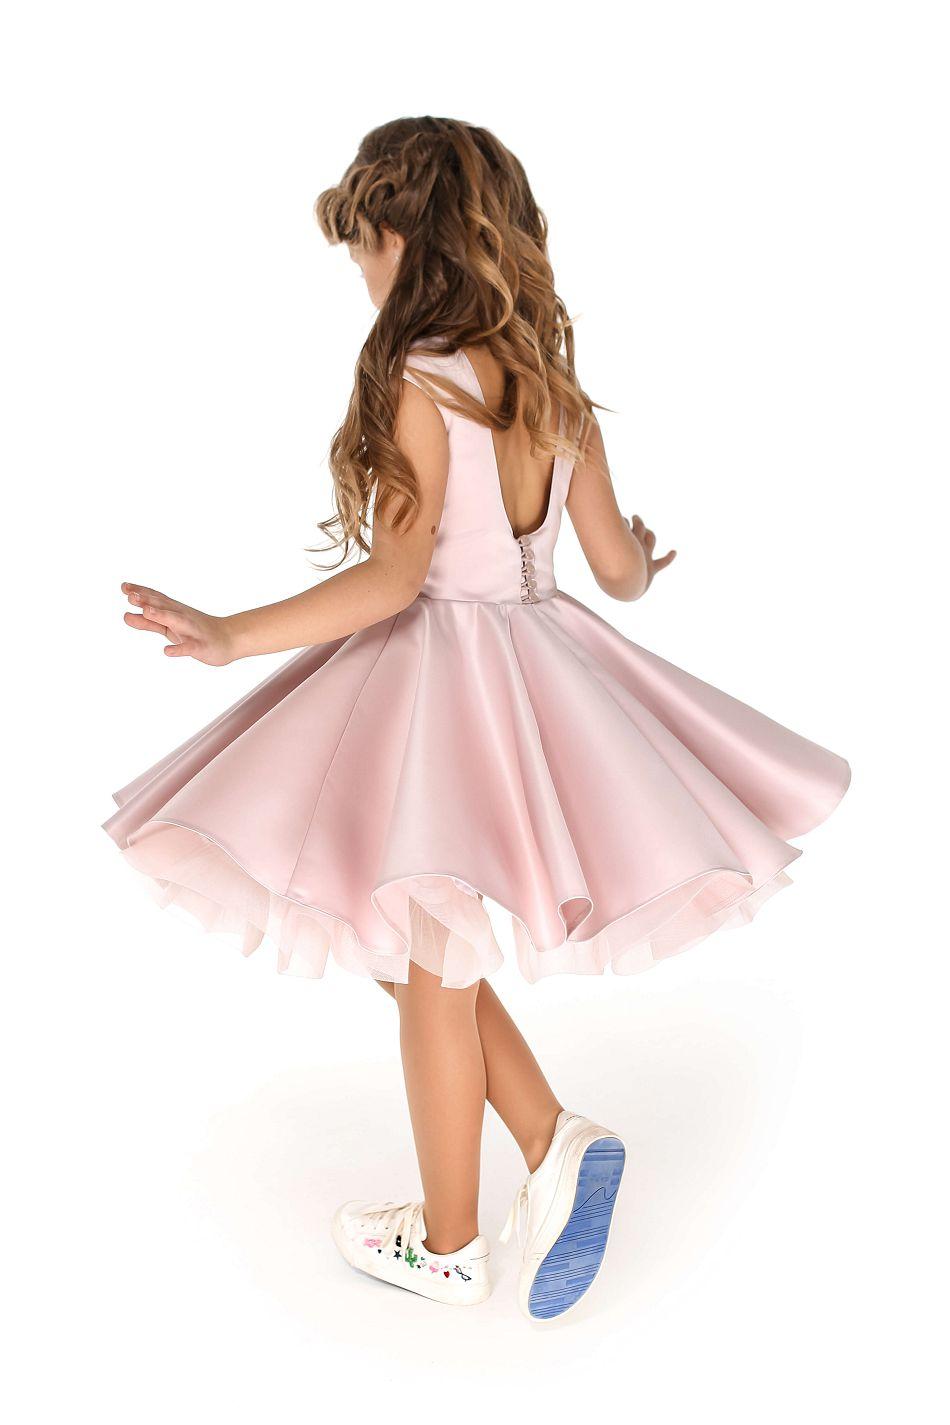 красивое пышное платье нежного цвета на девочку